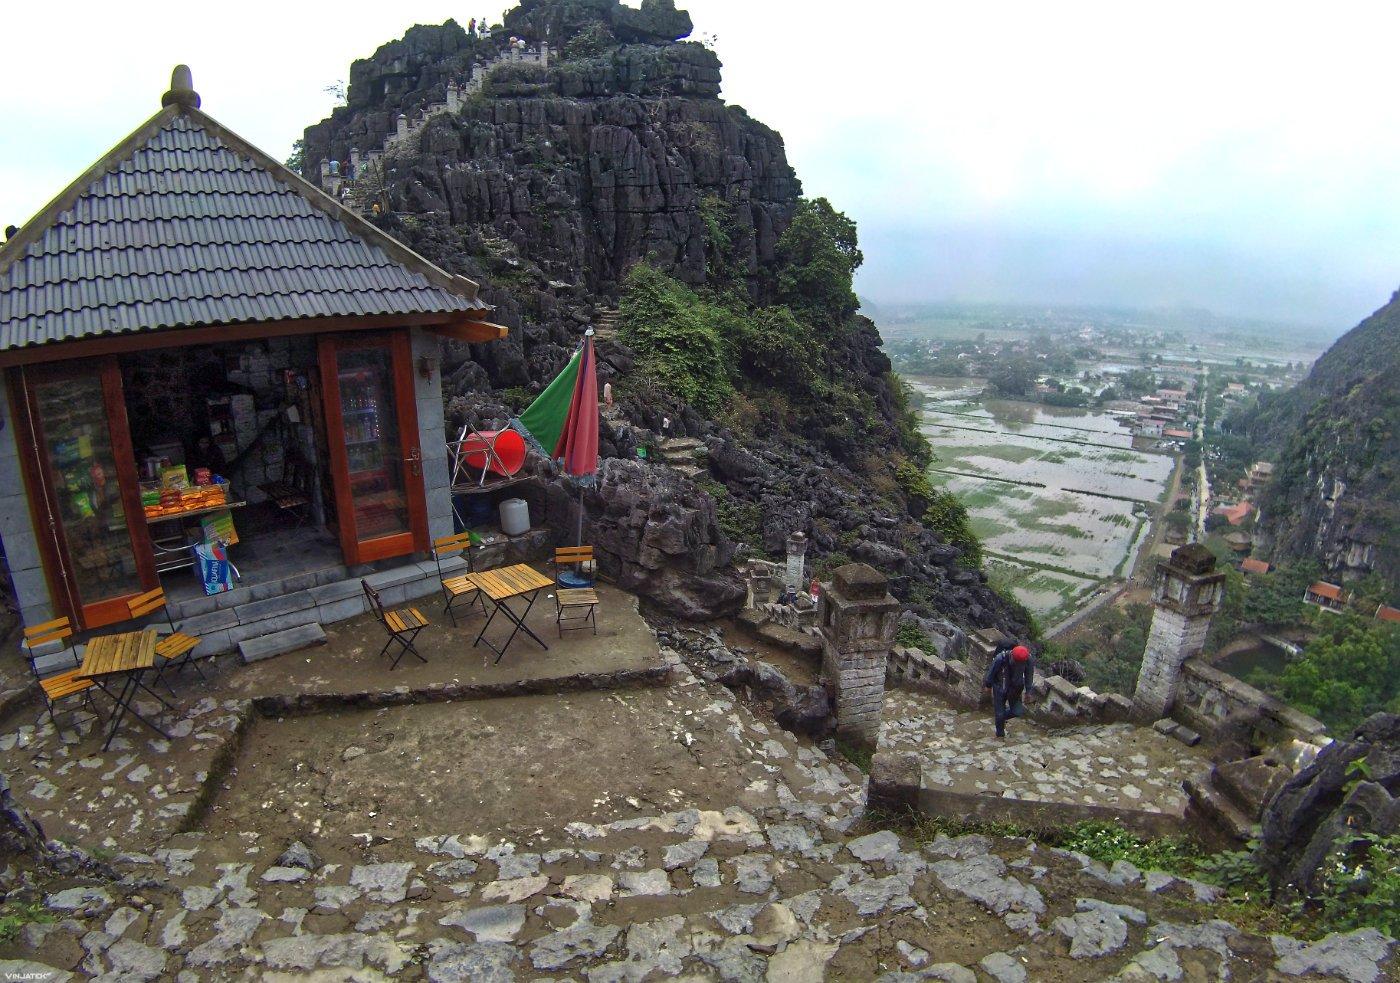 Bodega on Hang Mua Mountain in Ninh Binh, Vietnam /// Vinjatek